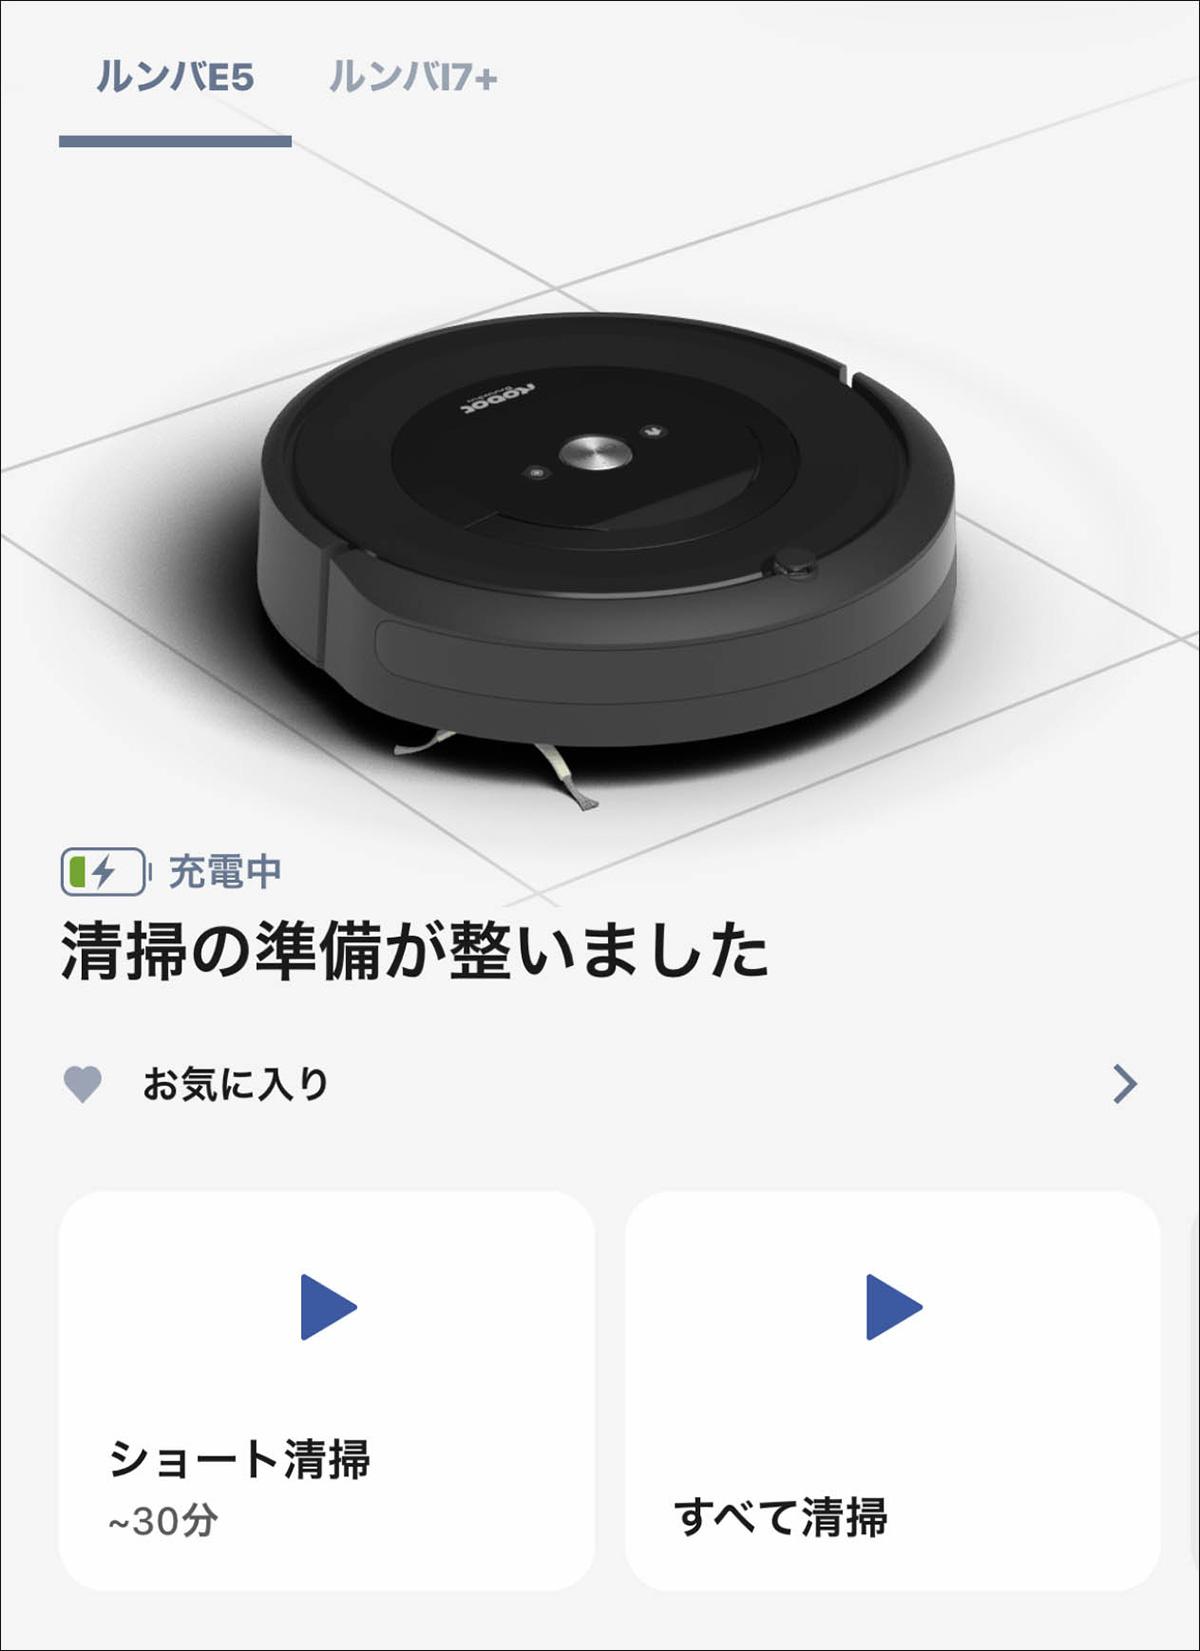 スマホアプリiRobot Homeの画面